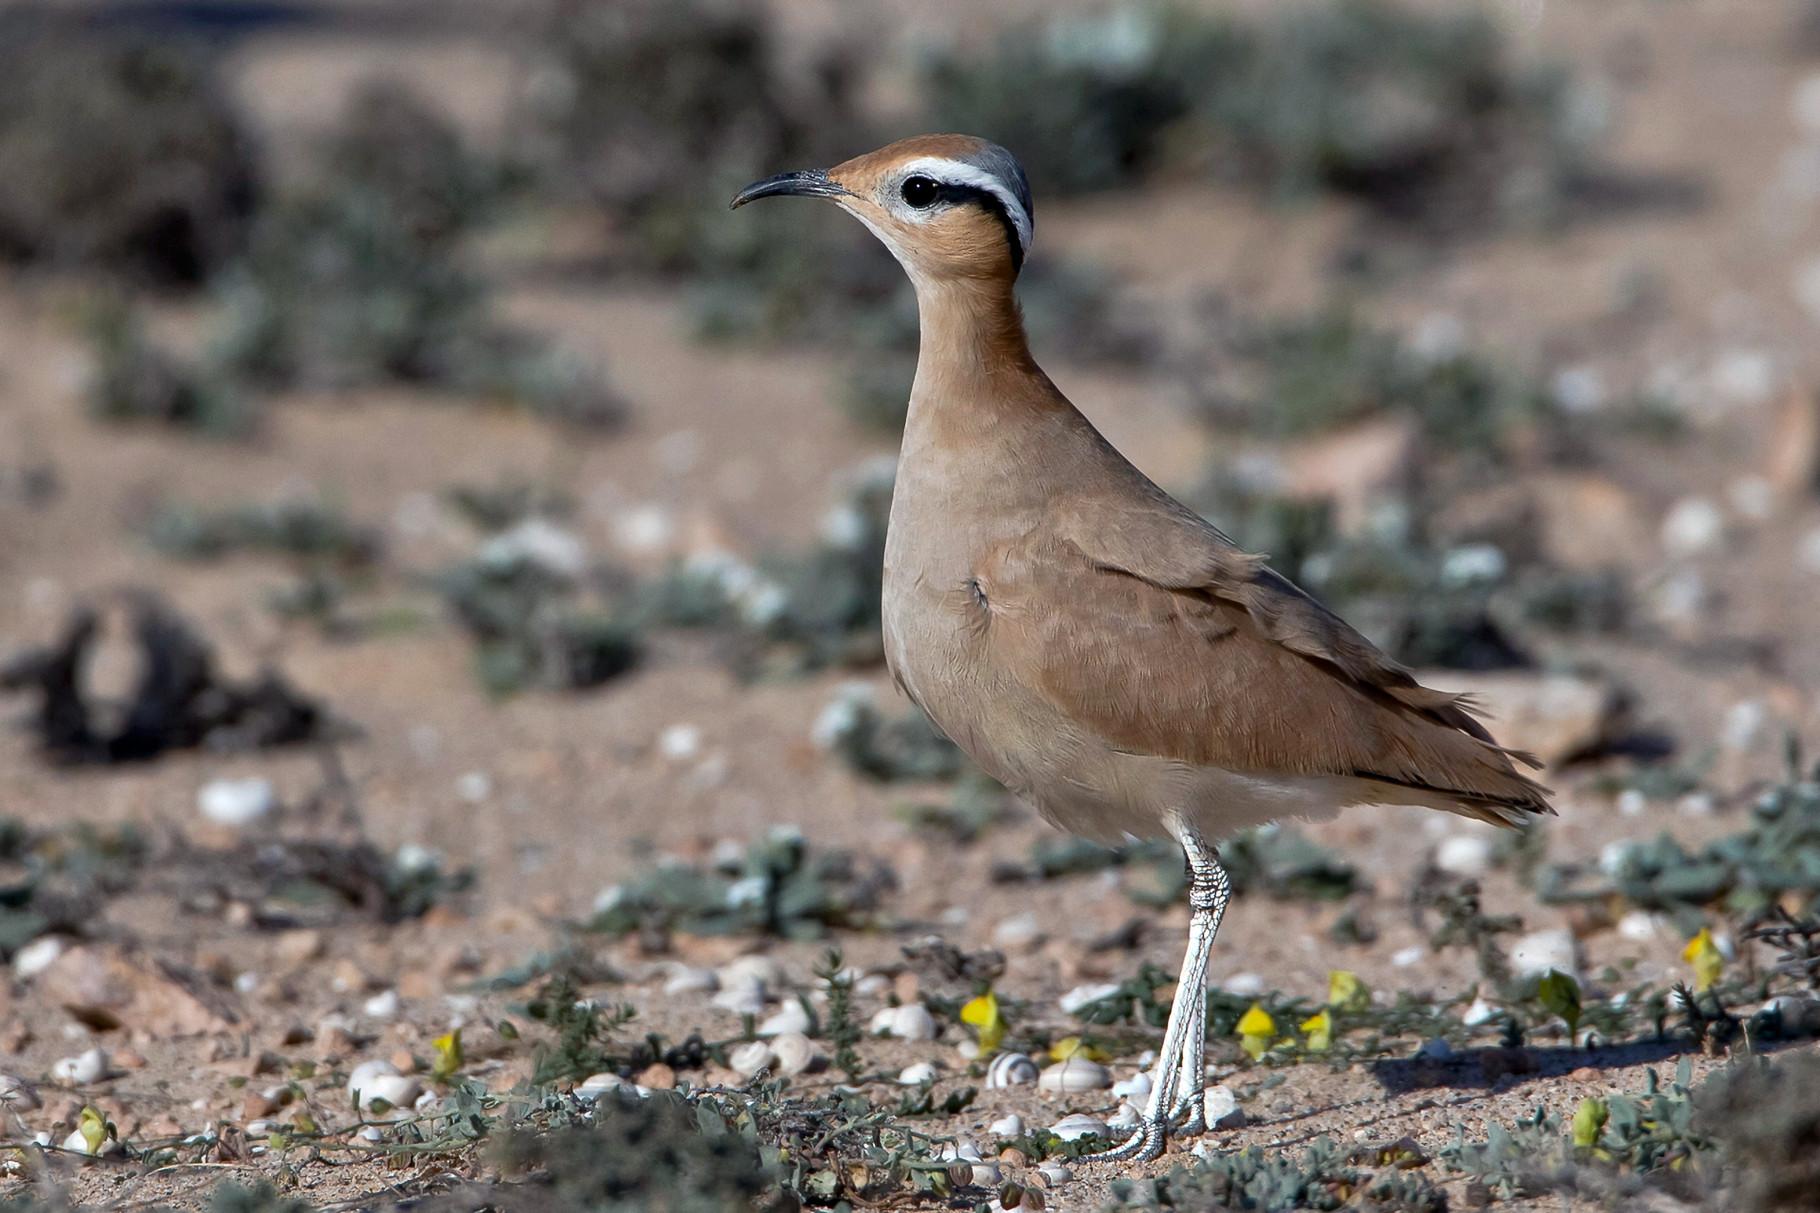 In der Jandia gibt es eine grössere Population von Rennvögeln